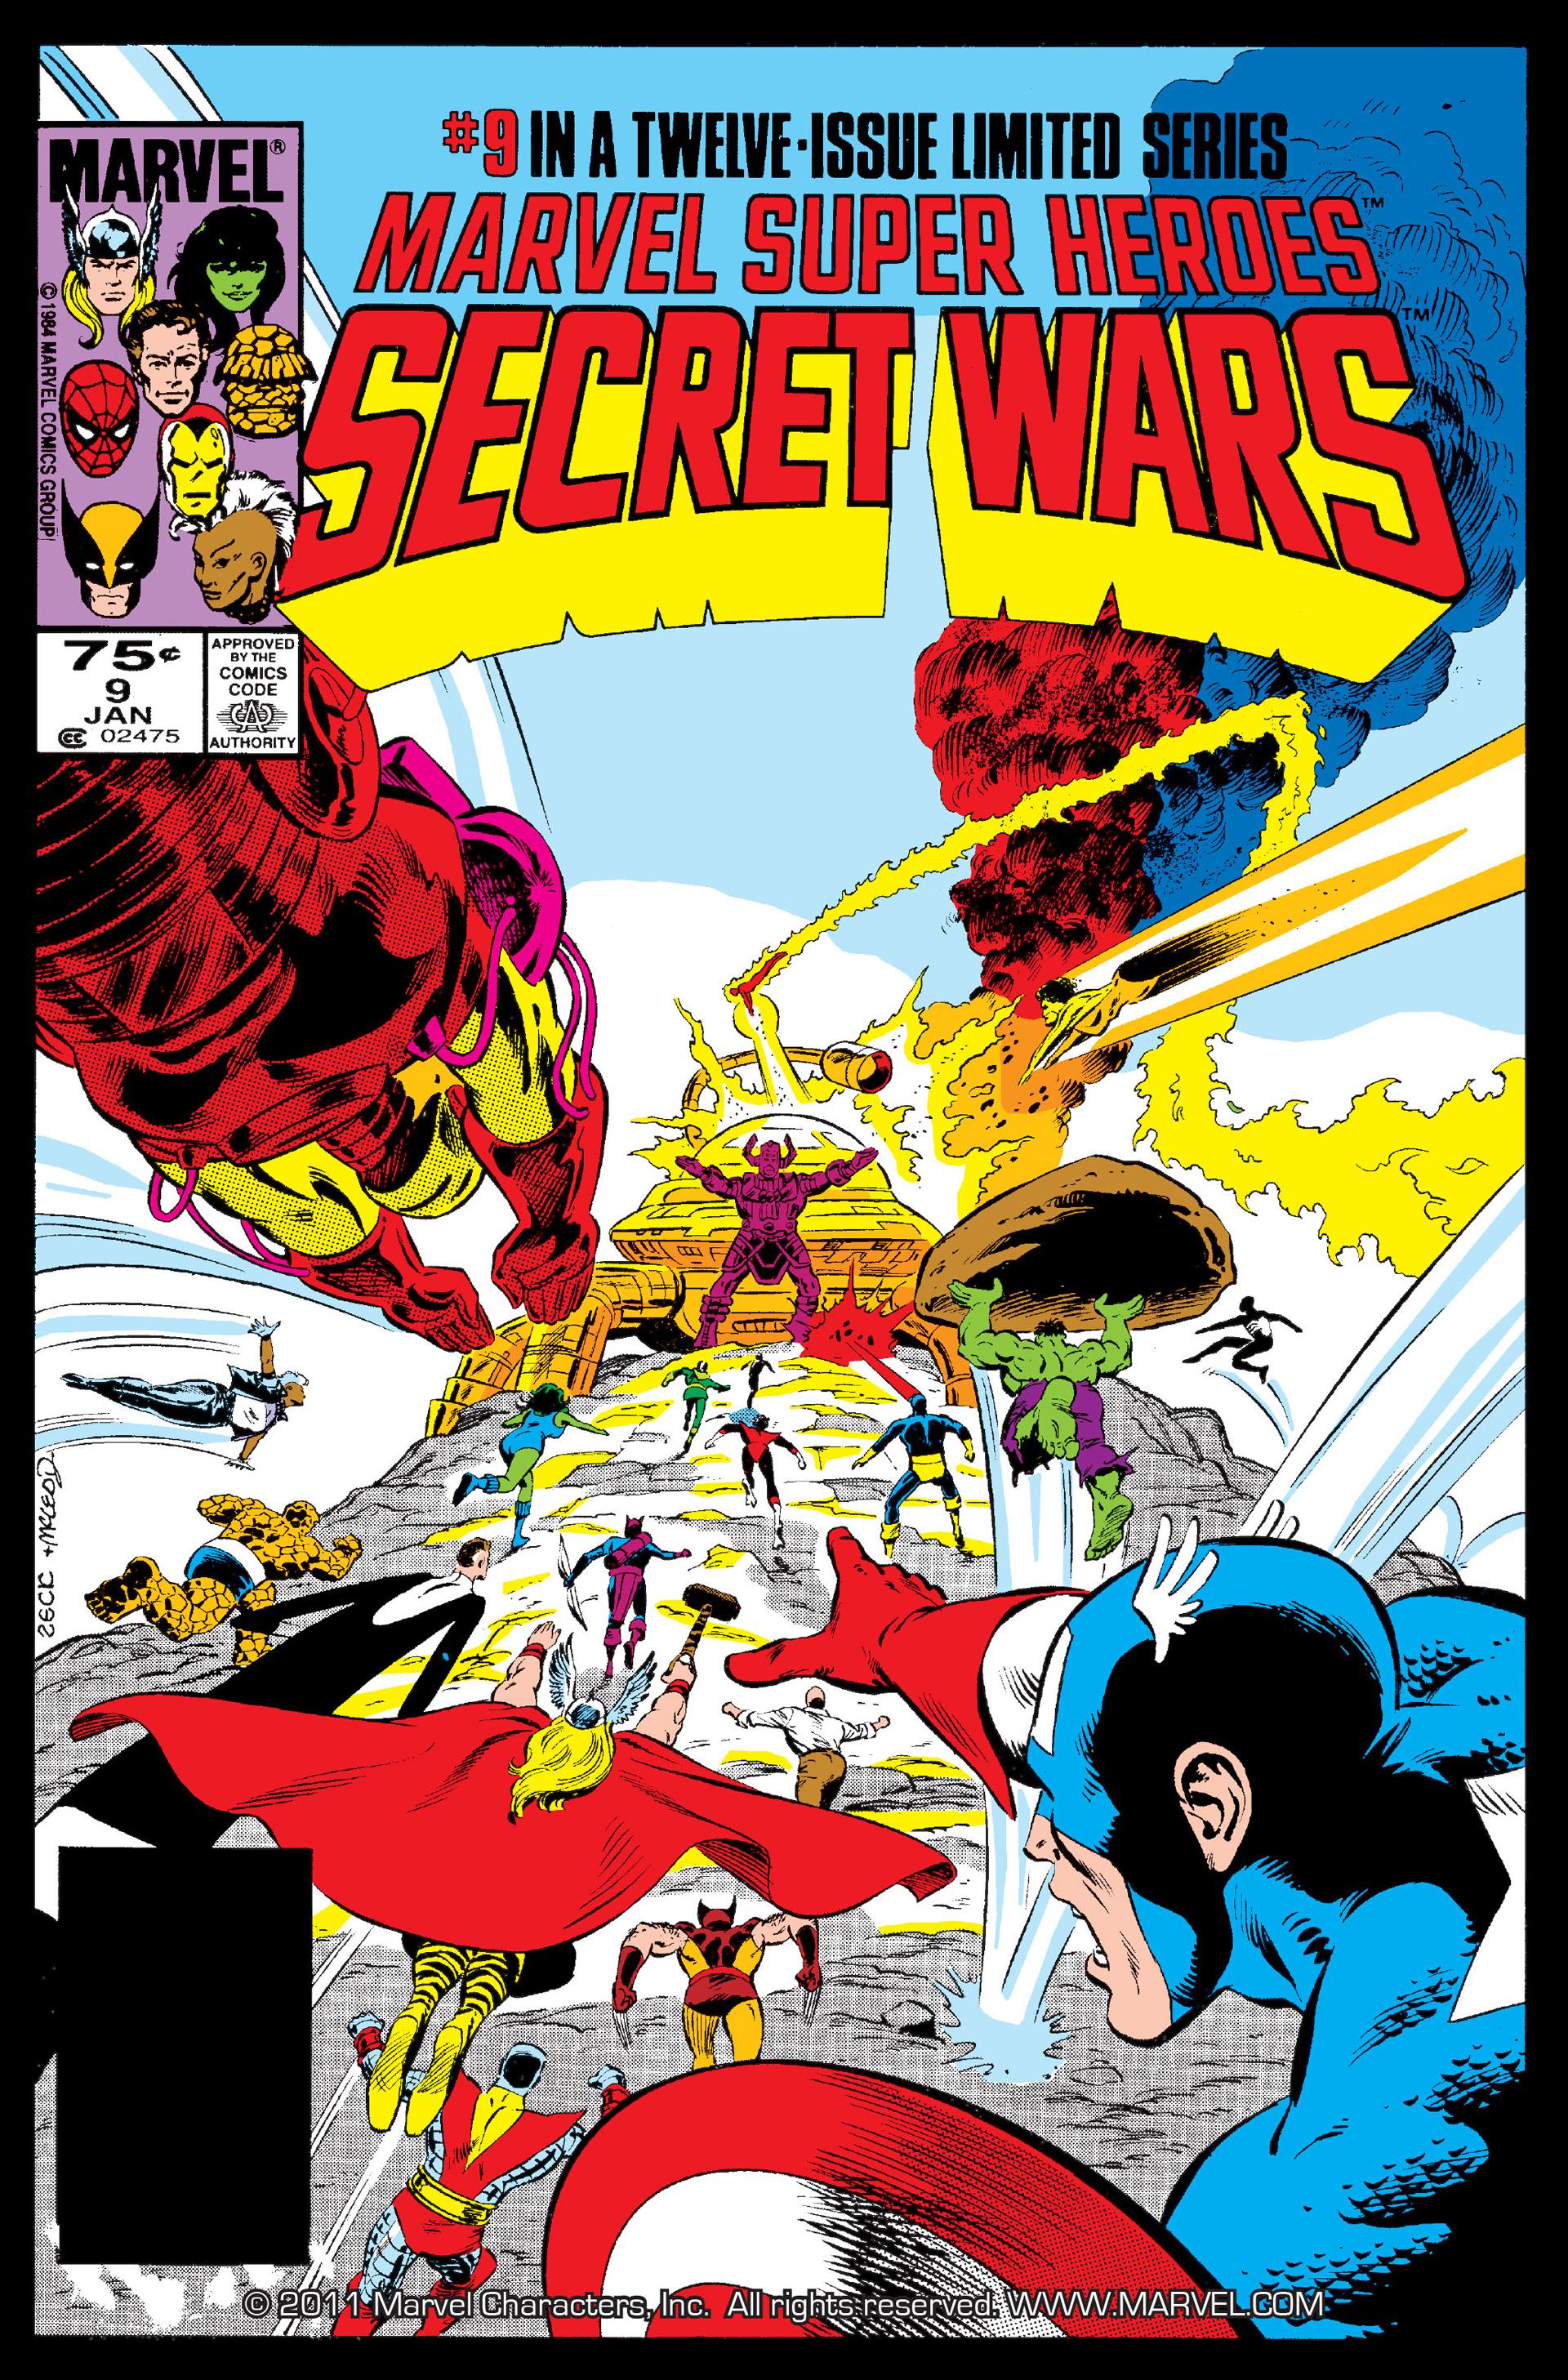 Marvel Super Heroes Secret Wars (1984) 9 Page 1